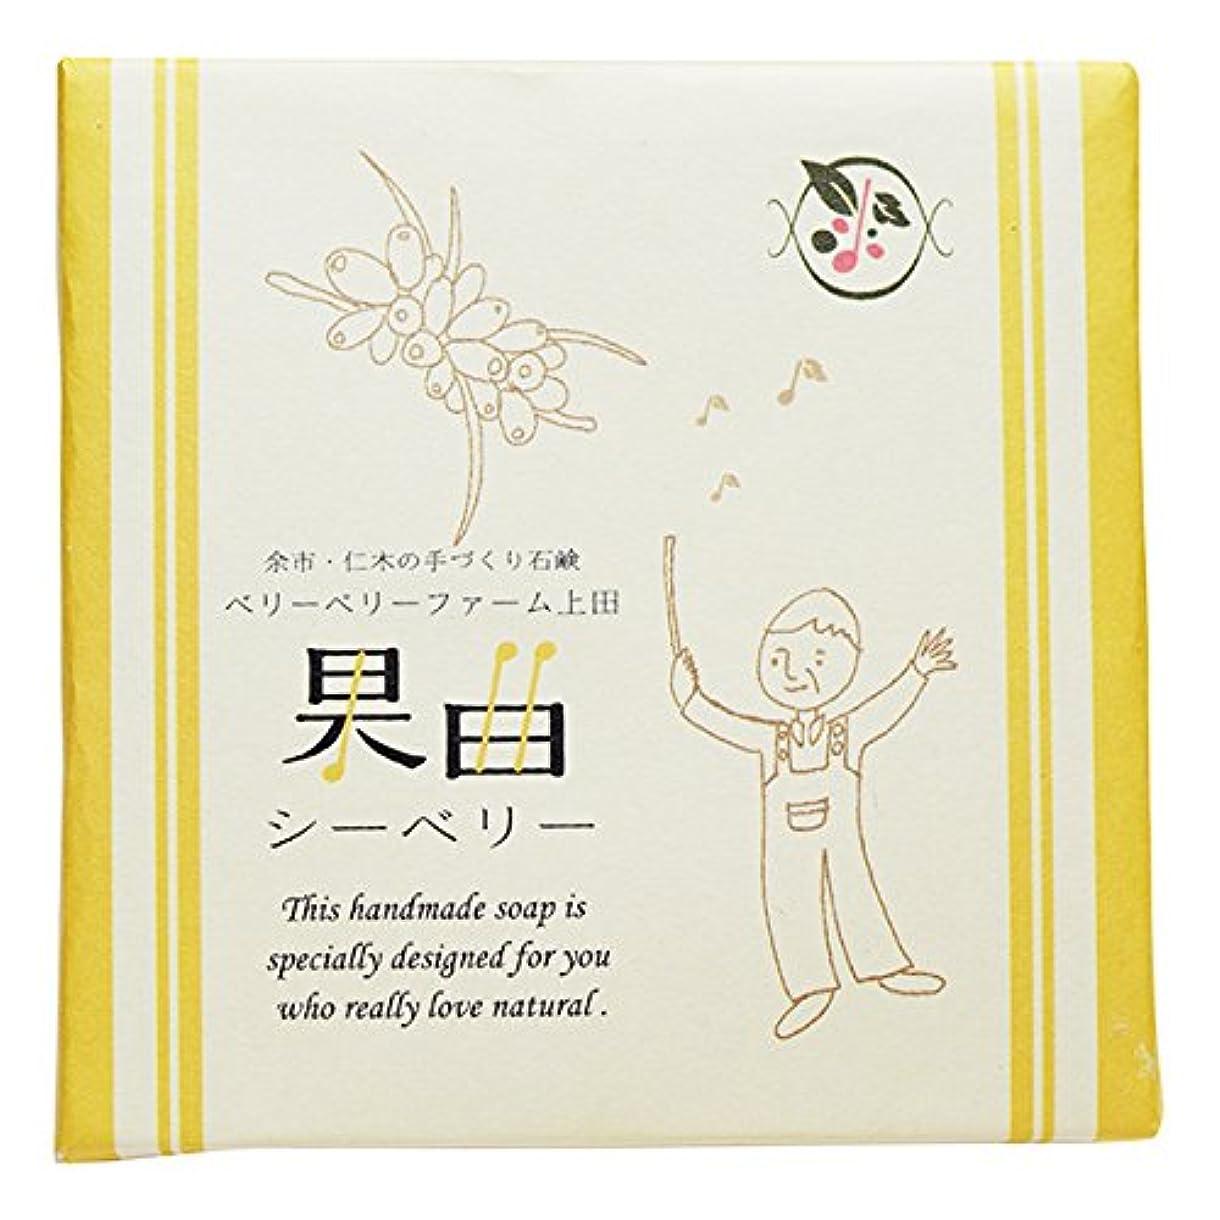 レンダリング広々毎日余市町仁木のベリーベリーファーム上田との共同開発 果曲(シーベリー)純練り石鹸